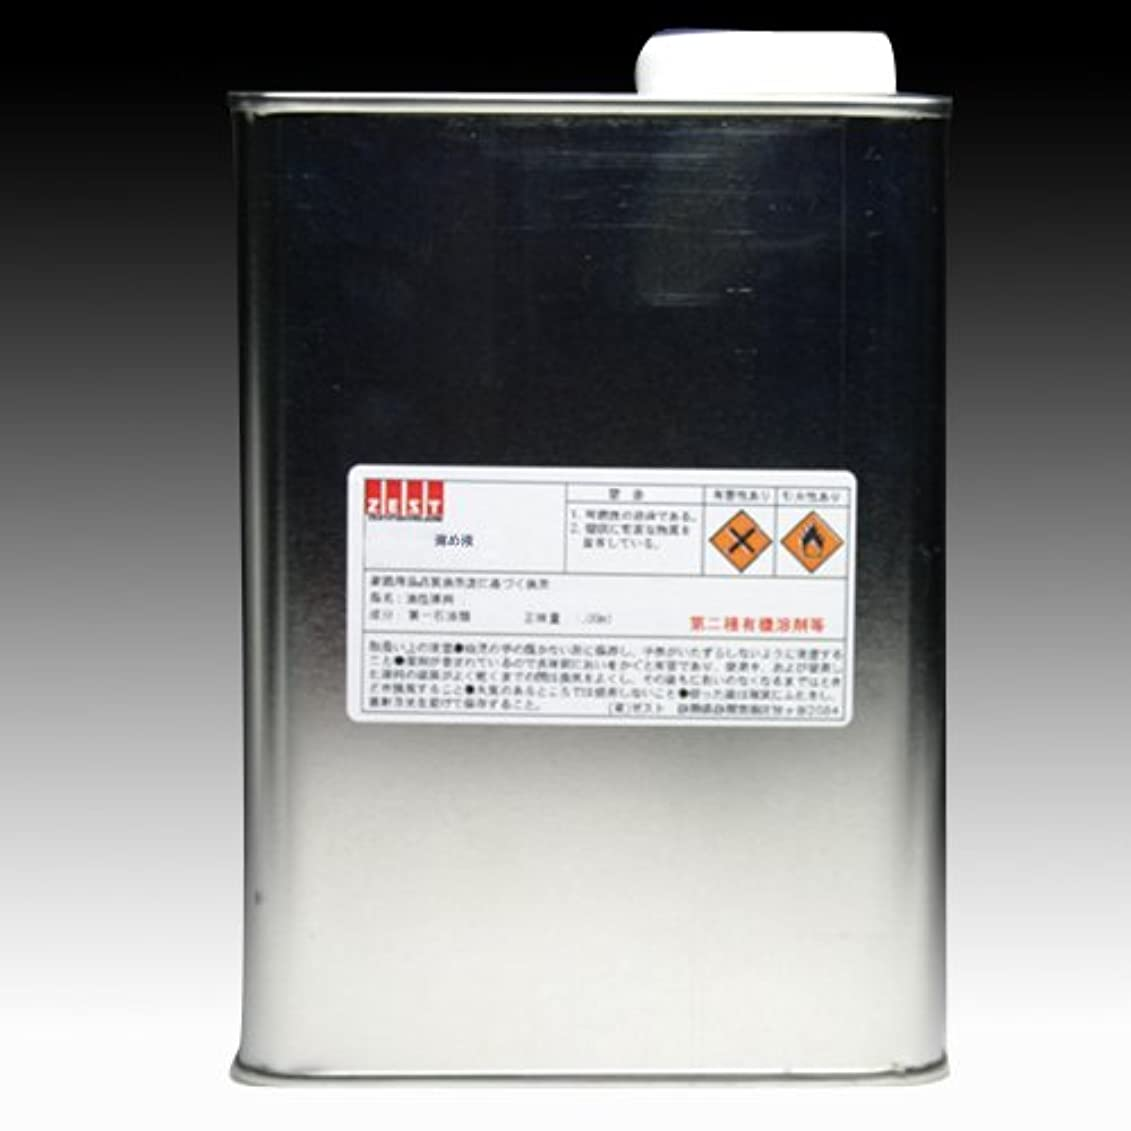 ファンシープレゼンター下手ソルミックスAP-1 [14kg] 日本アルコール販売 エタノール メタノール IPA 脱脂 洗浄 [その他]